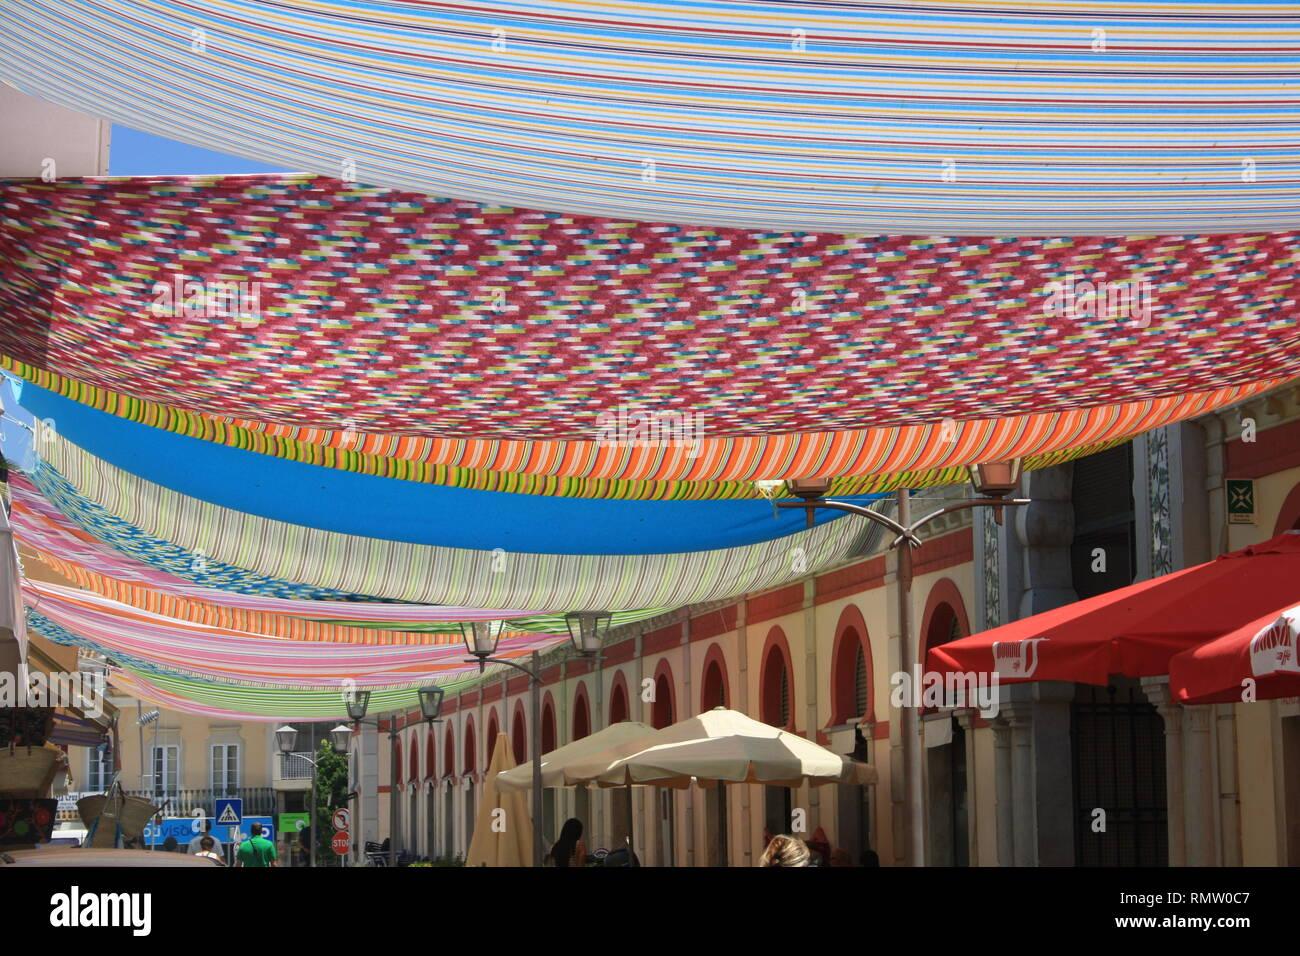 Aufgehangene farbige Tücher als Sonnenschutz und Dekoration - Stock Image